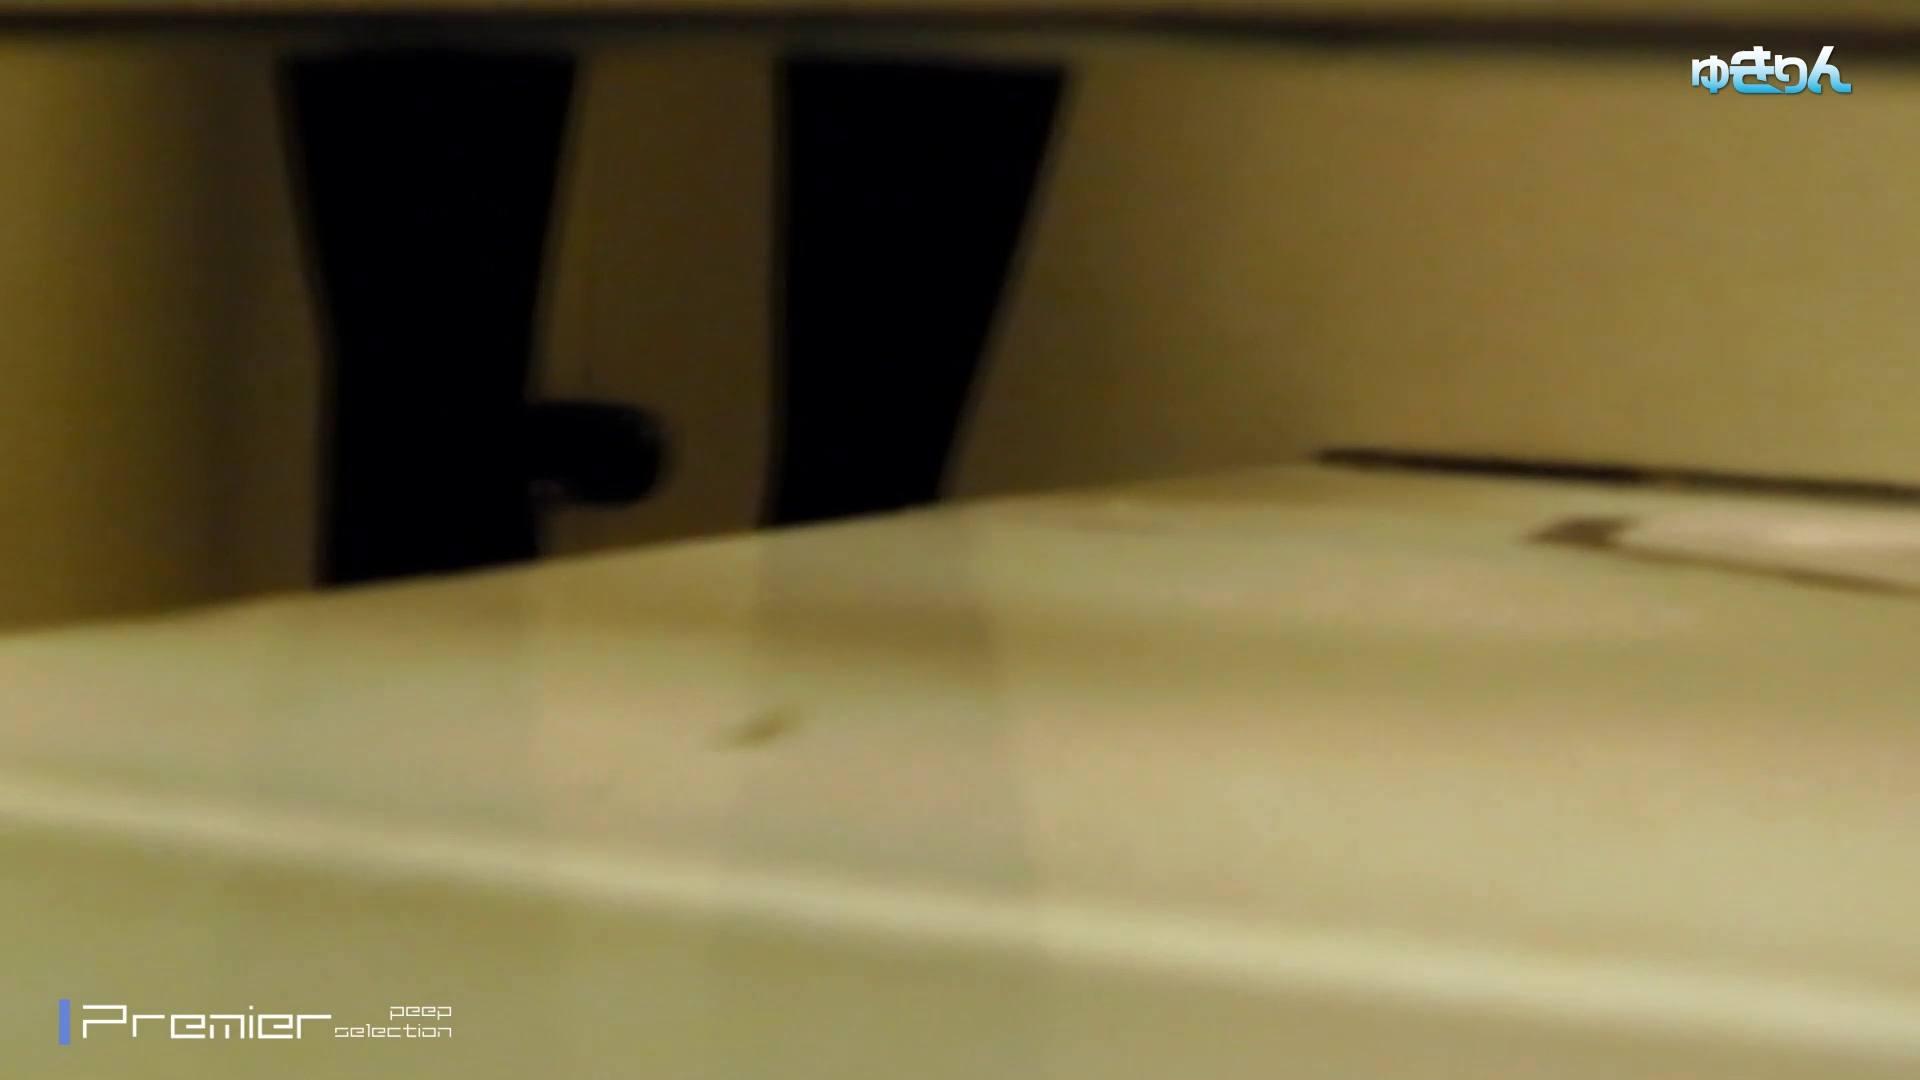 新世界の射窓 No87今回は二人エロい尻の持ち主登場 ギャル攻め おめこ無修正動画無料 51画像 44